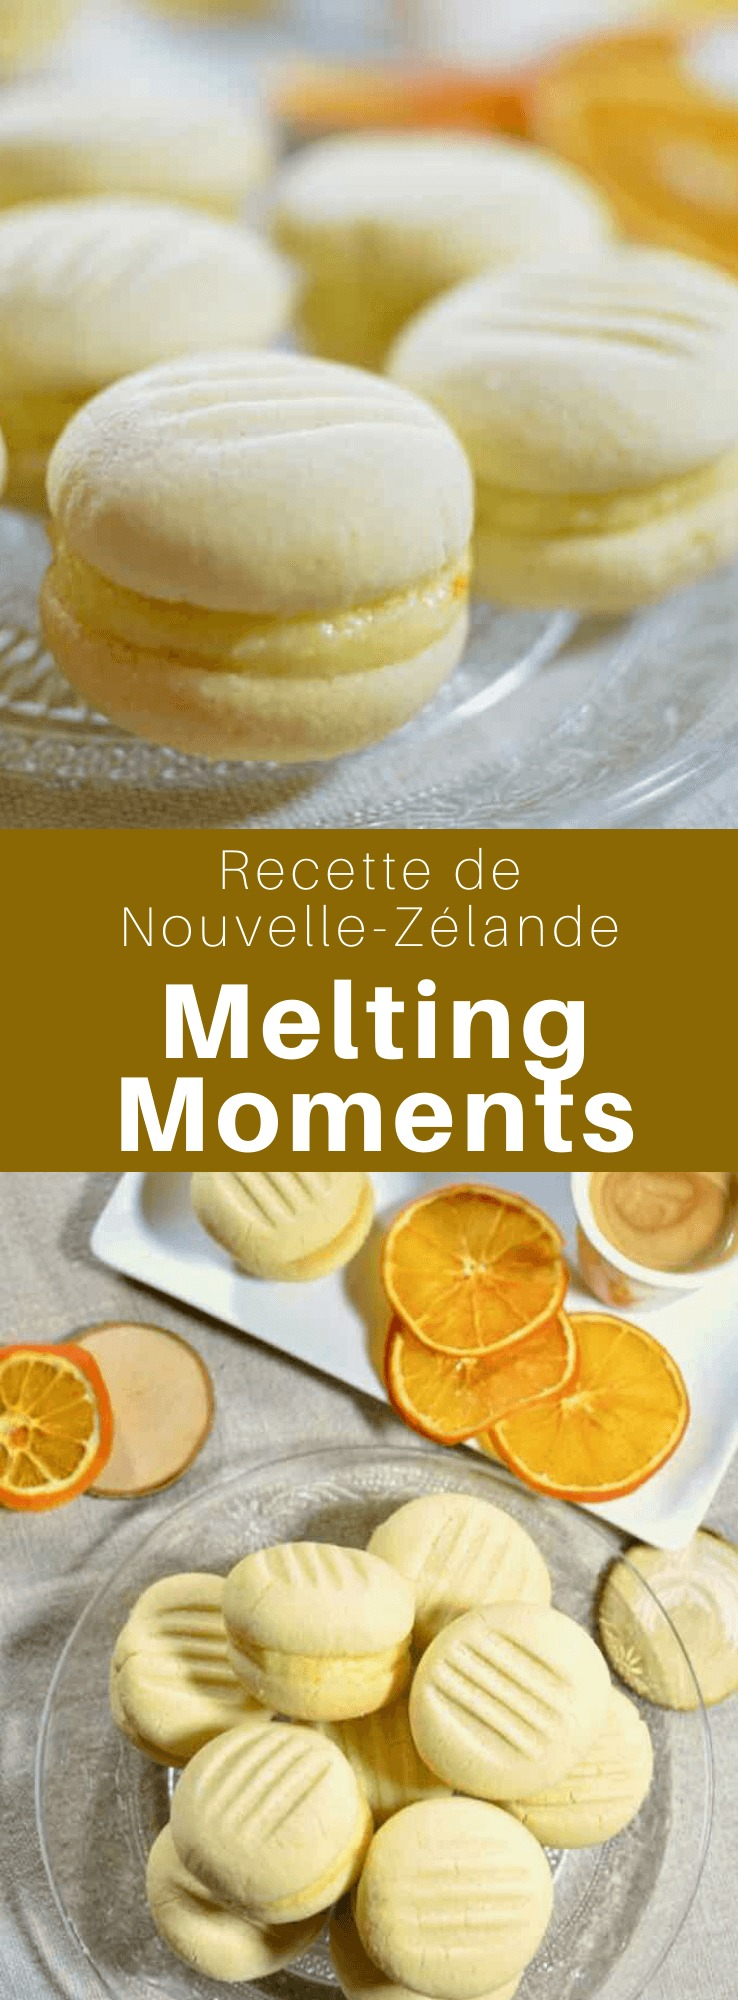 Les melting moments sont des petits biscuits sablés qui prennent en sandwich une crème parfumée fréquemment au citron ou à l'orange, populaires en Nouvelle Zélande. #NouvelleZelande #CuisineDuMonde #196flavors